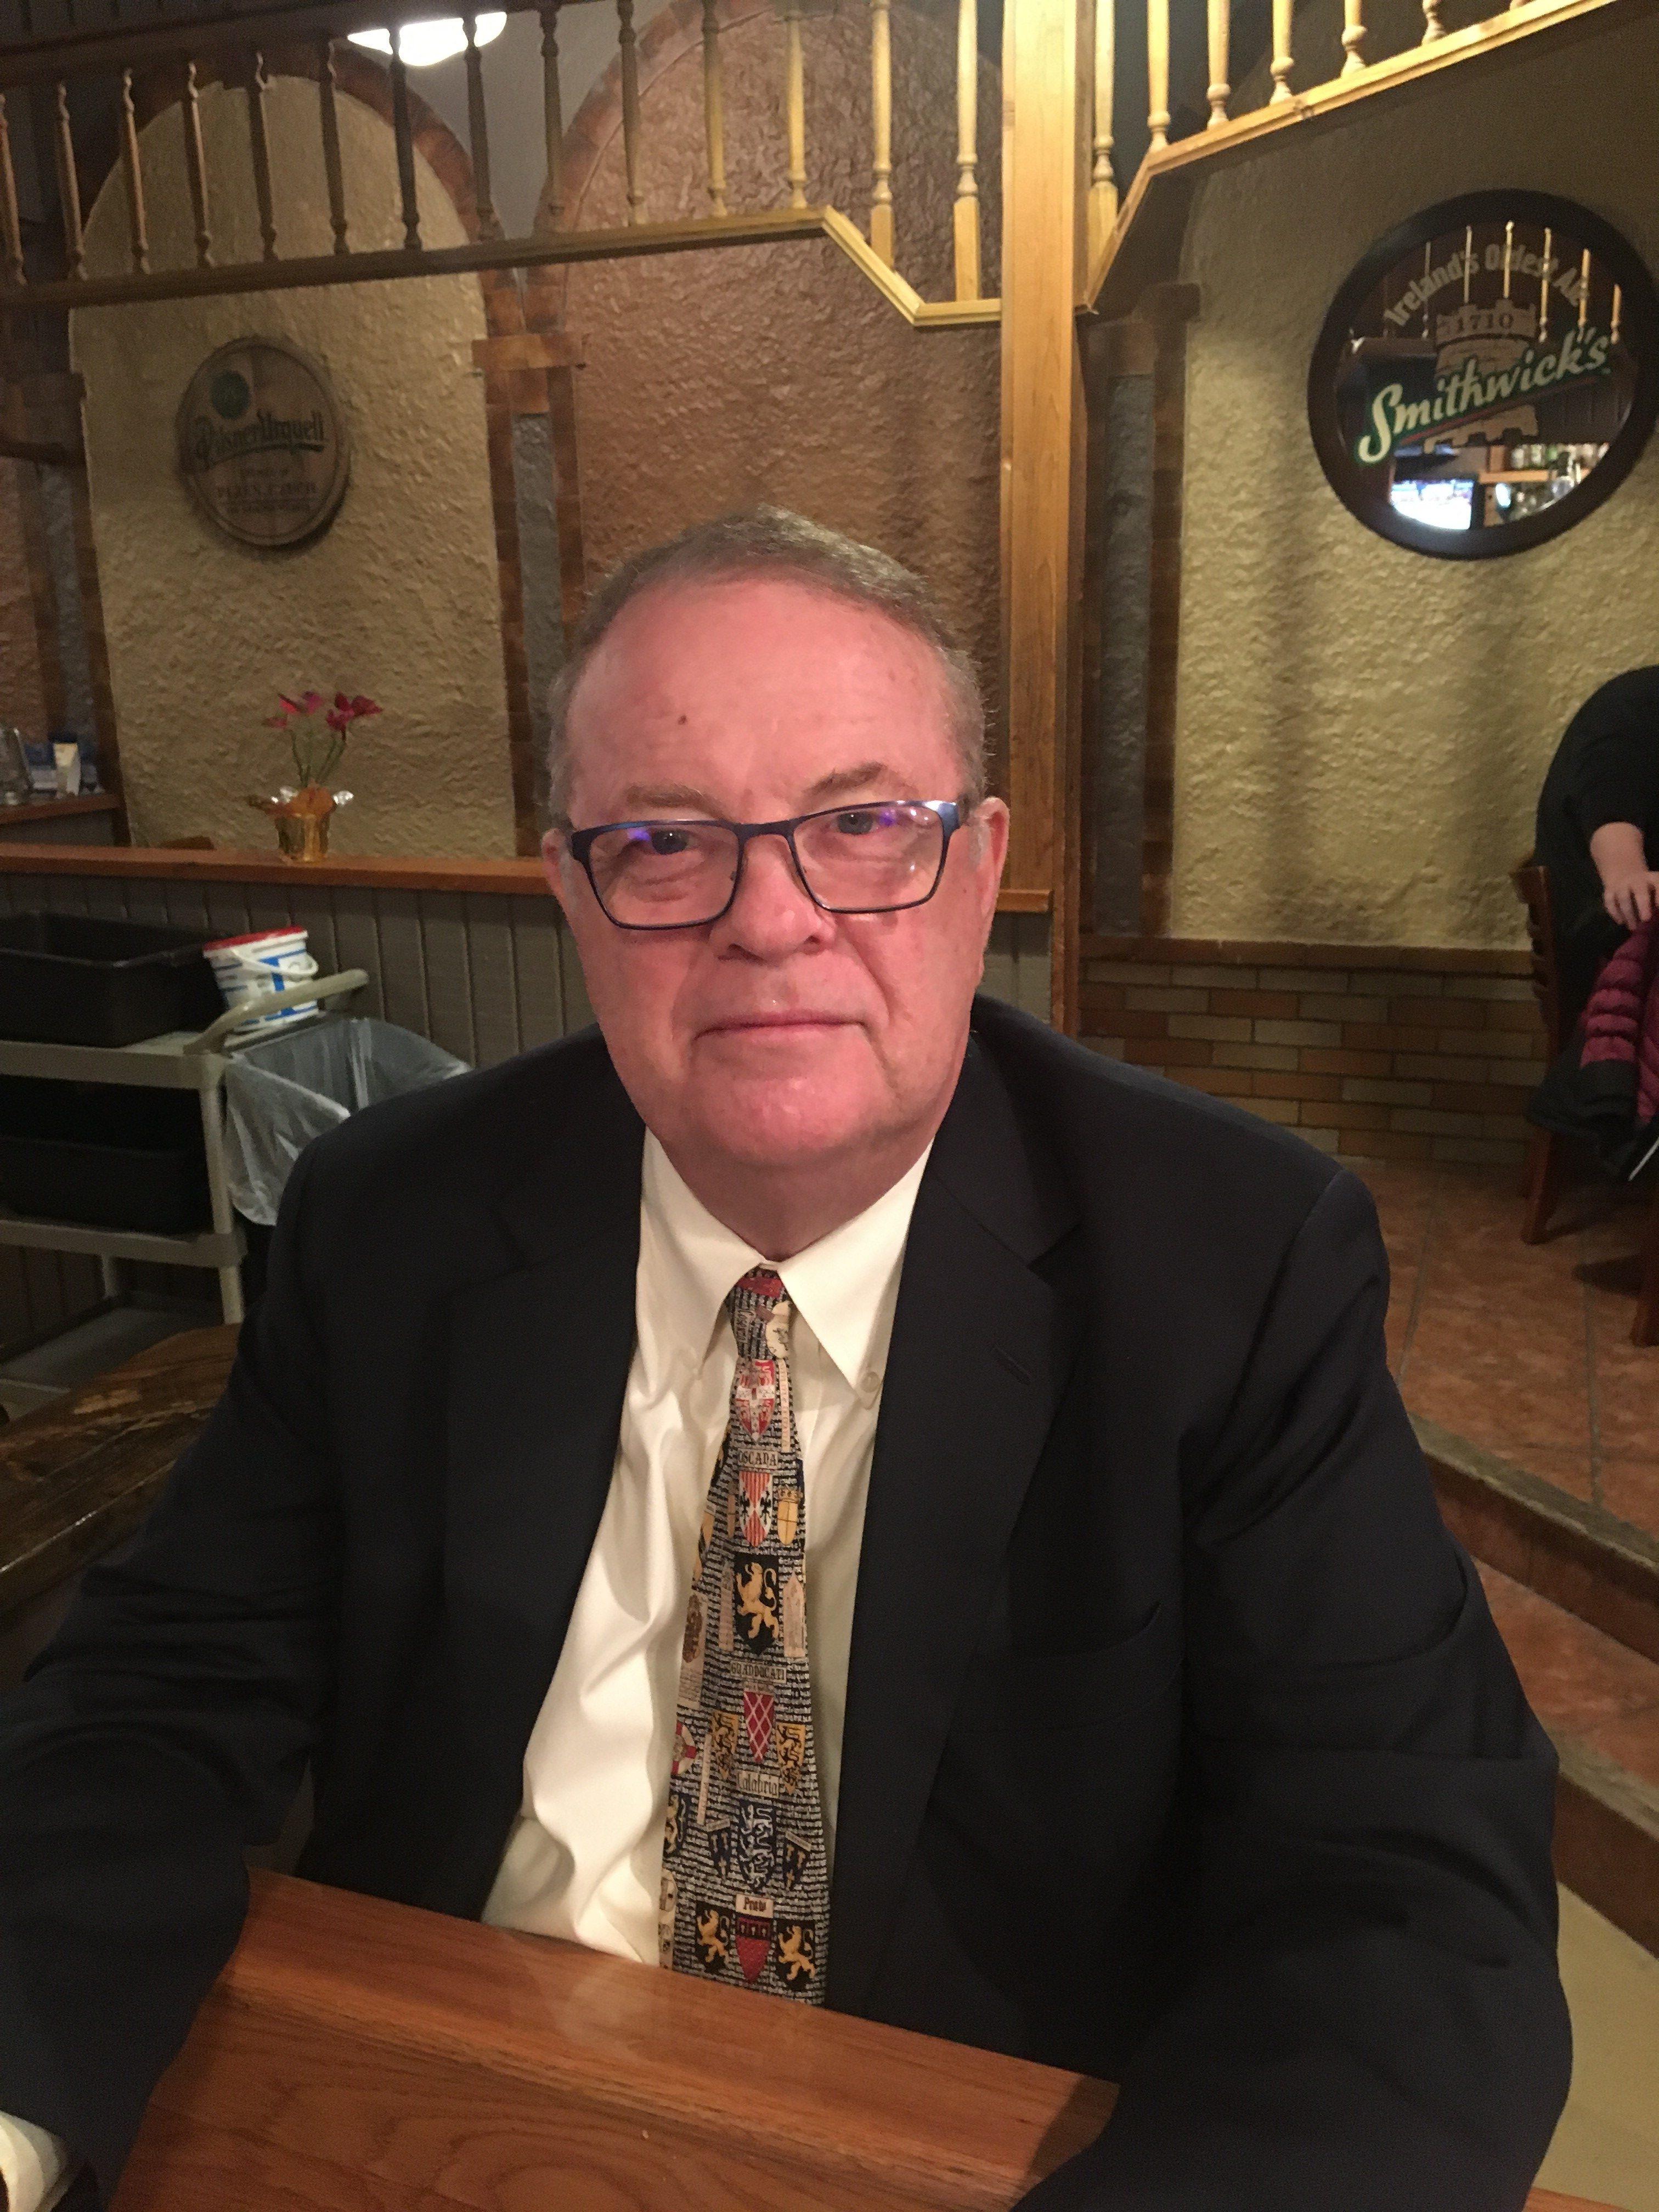 CSR 31 Bill Hogan